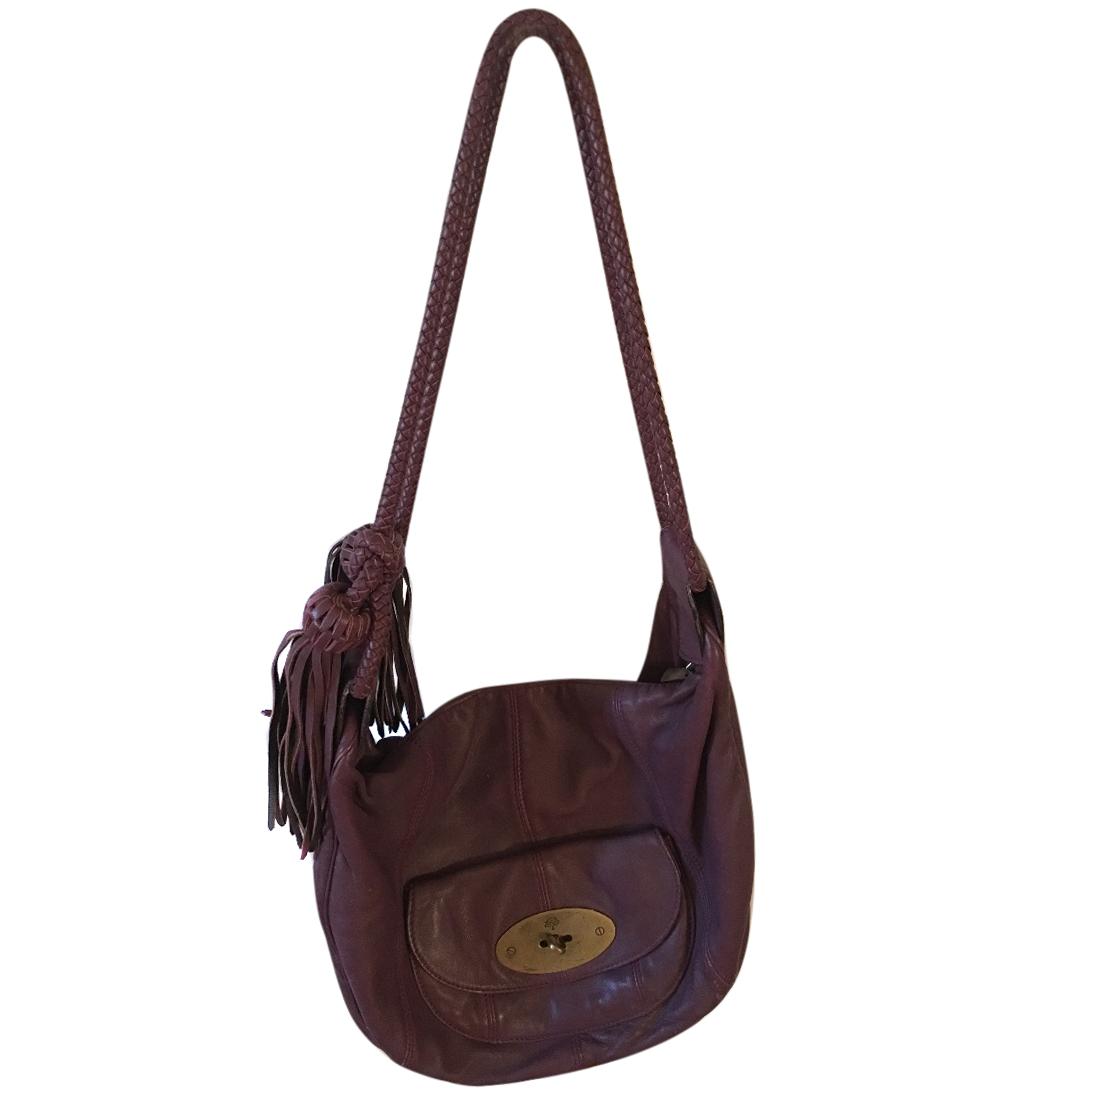 926513e8b5 Mulberry Araline Bag